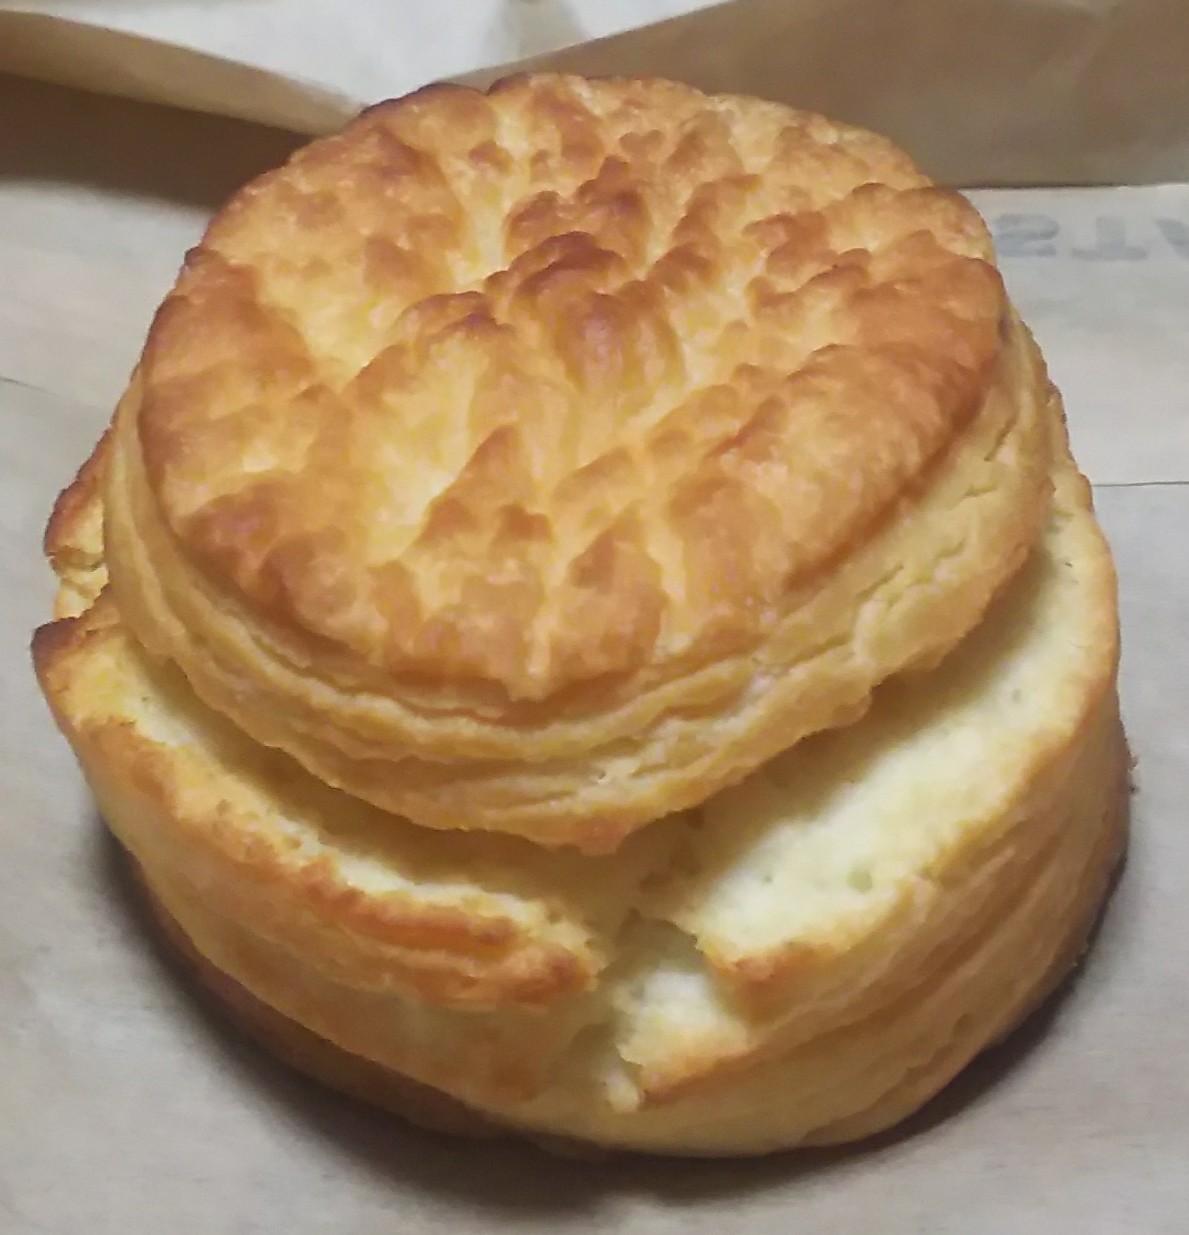 バターミルクビスケット(スターバックスコーヒー)感想・レビュー